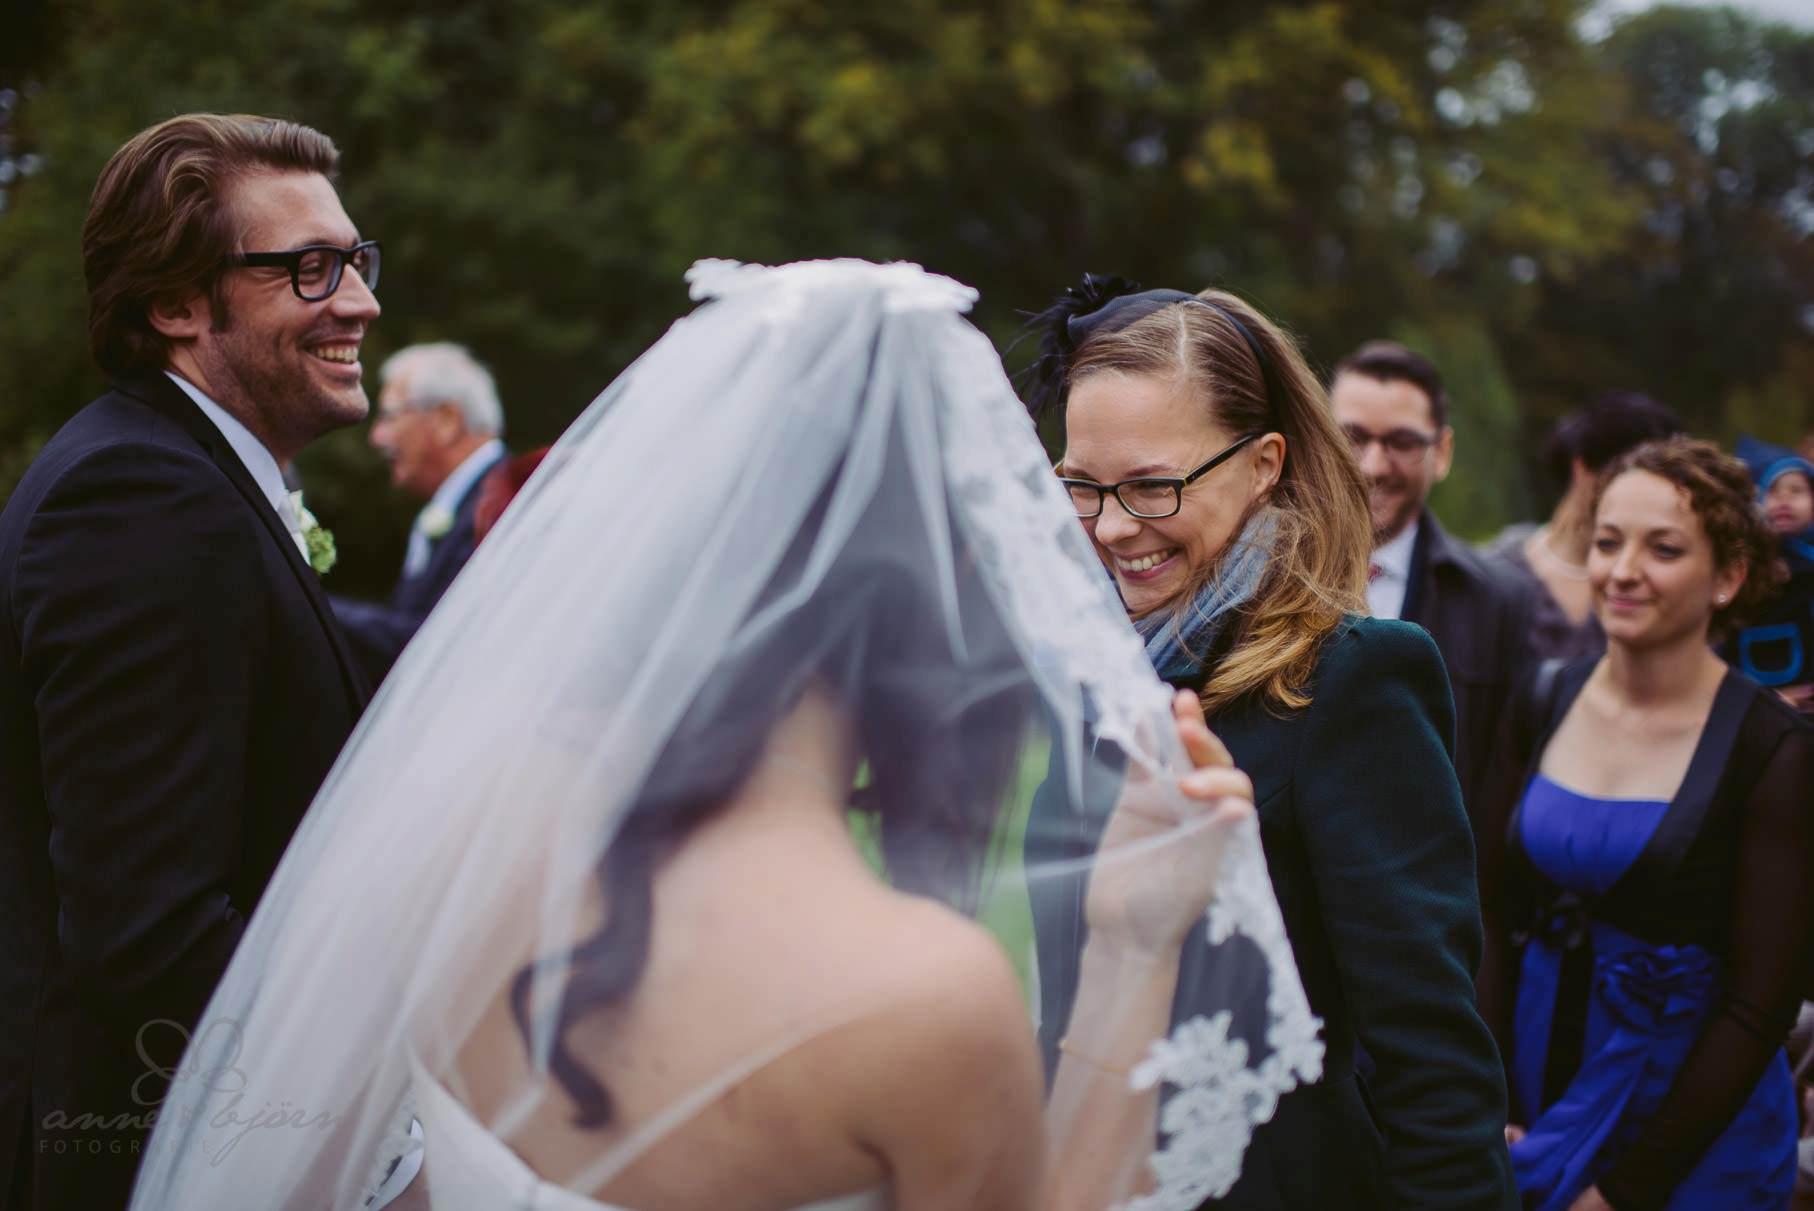 0073 aub 812 9623 - Hochzeit auf Gut Thansen - Anja & Björn